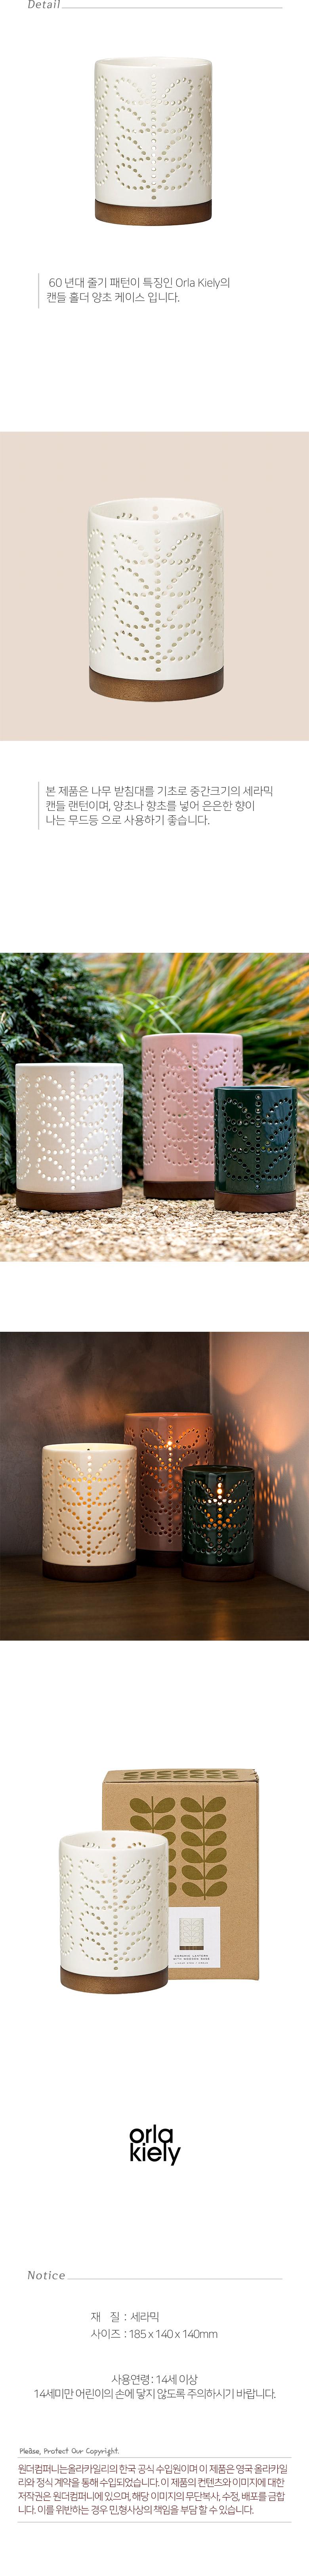 [올라카일리] 캔들 홀더 양초 케이스 미디움 화이트 - 원더스토어, 79,000원, 캔들용품, 홀더/촛대